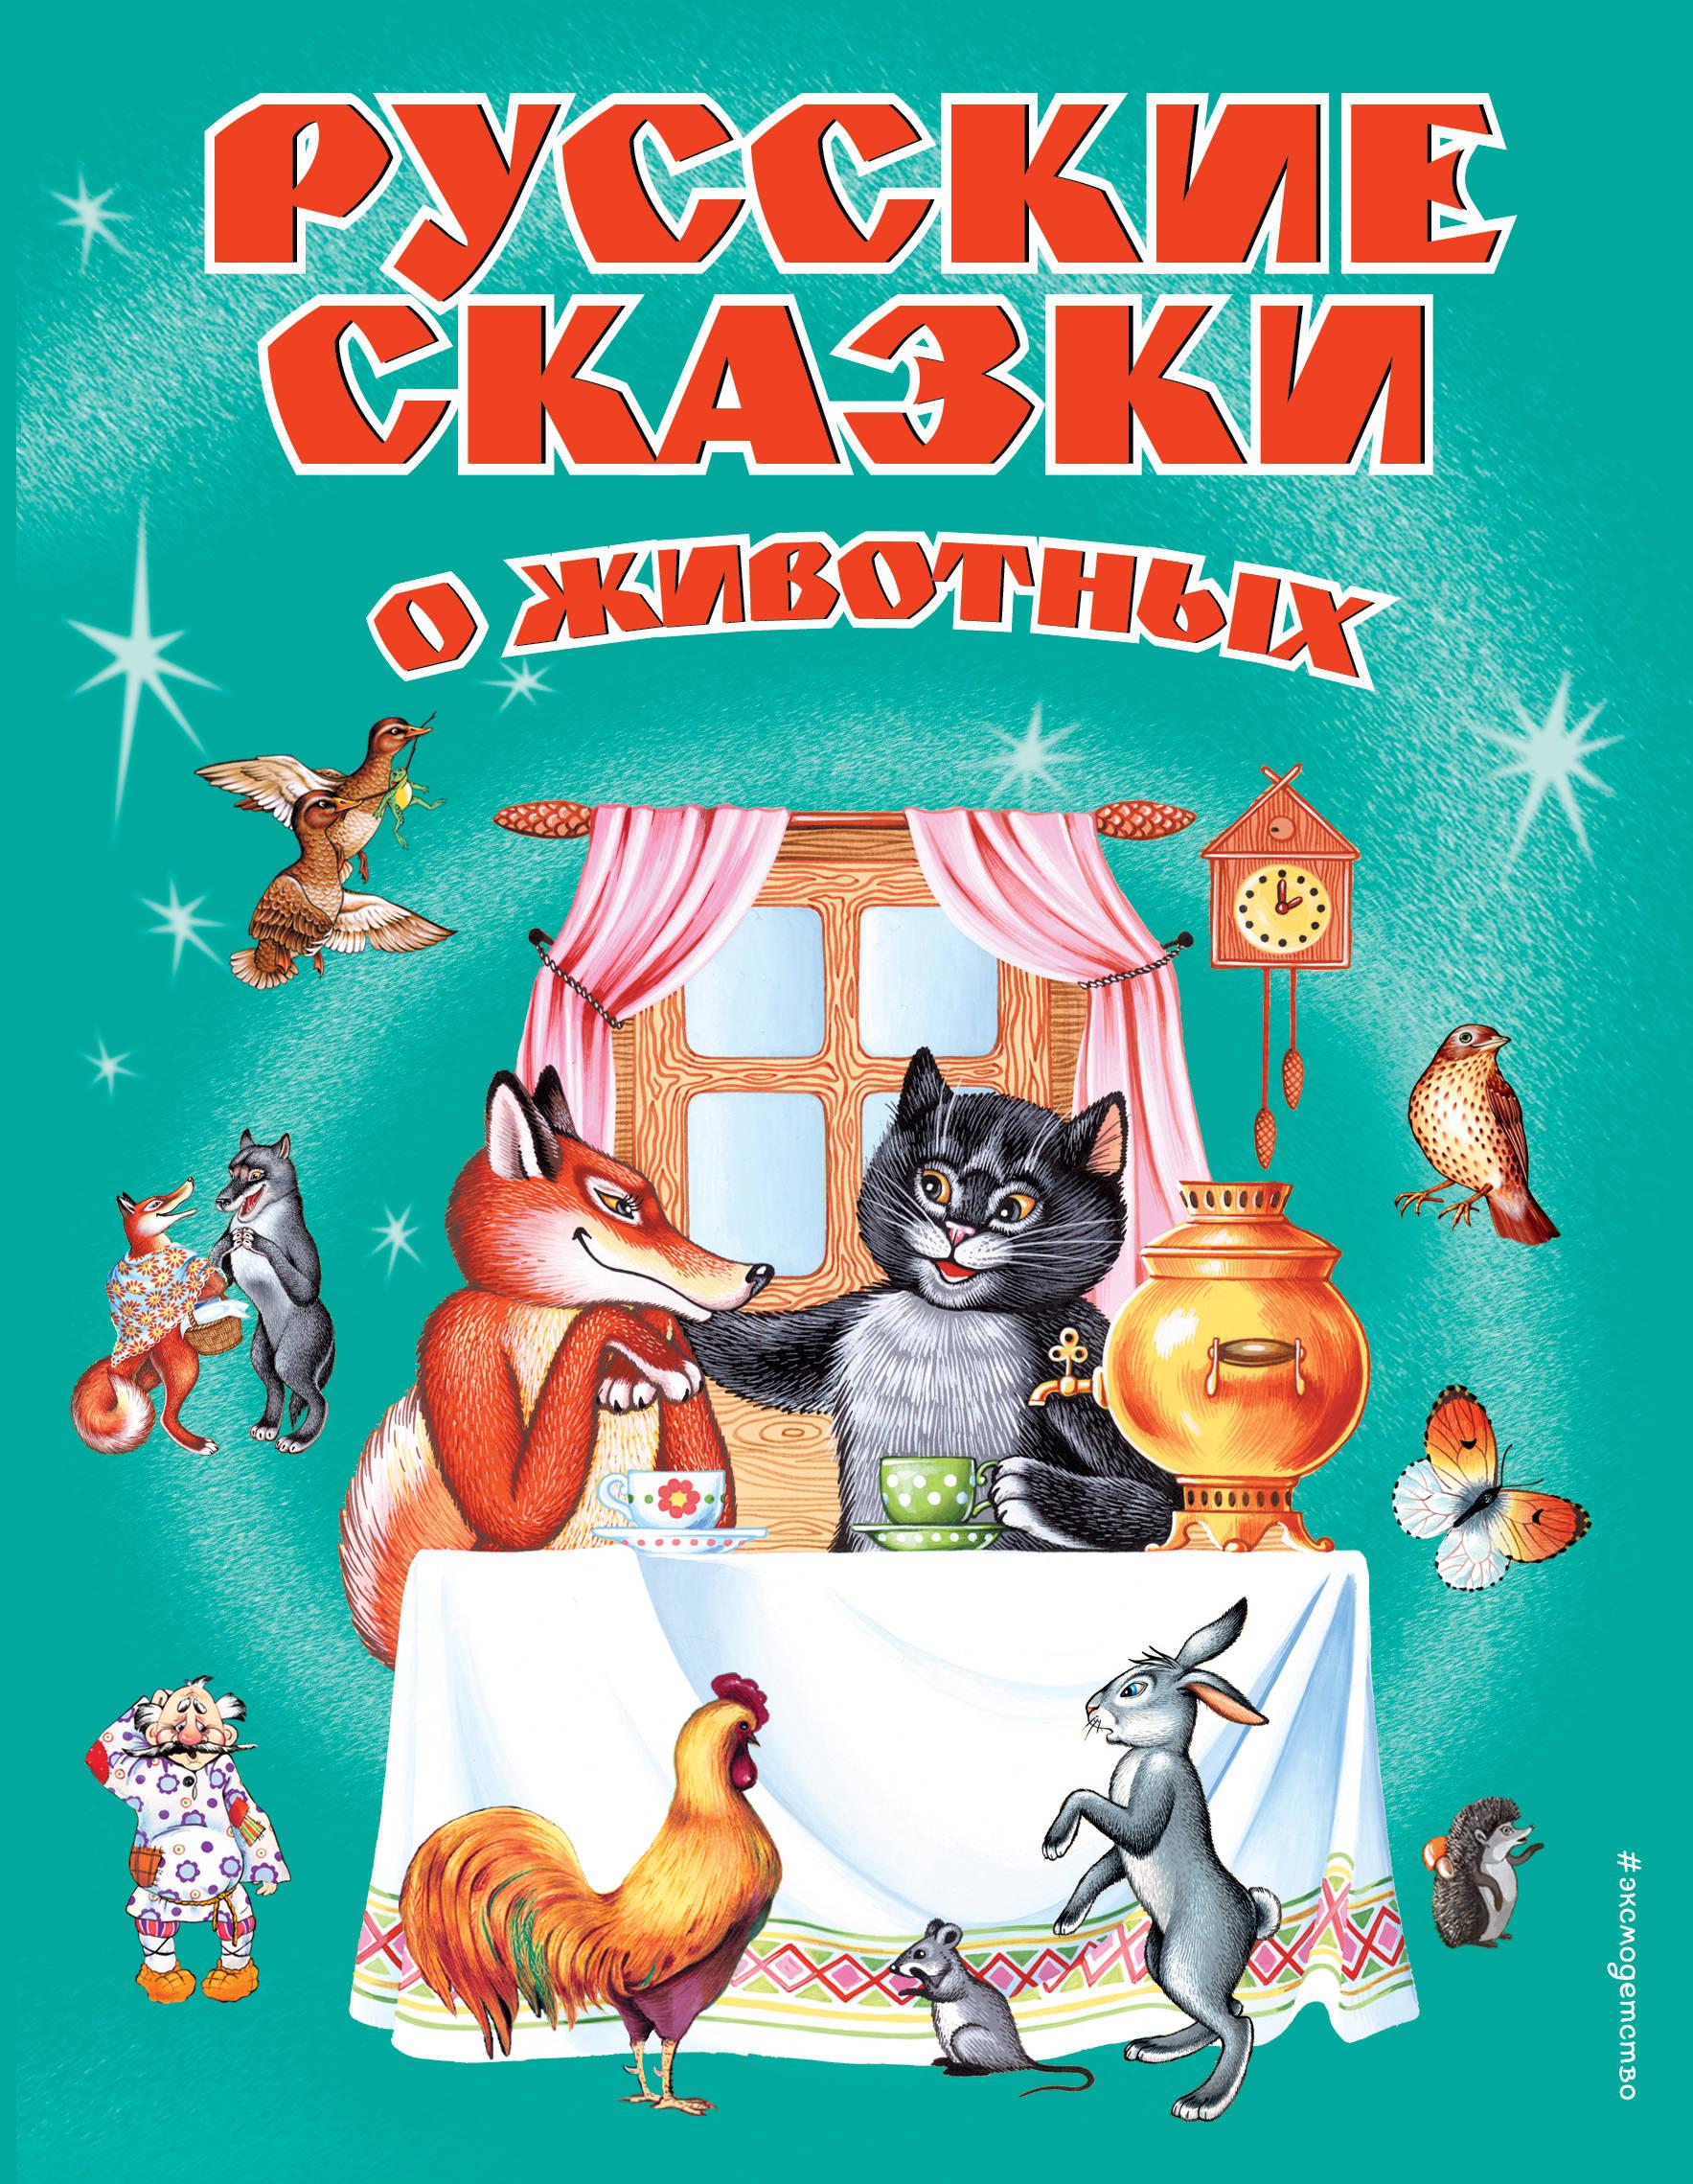 Л. Н. Толстой, Д. Н. Мамин-Сибиряк, В. М. Гаршин Русские сказки о животных